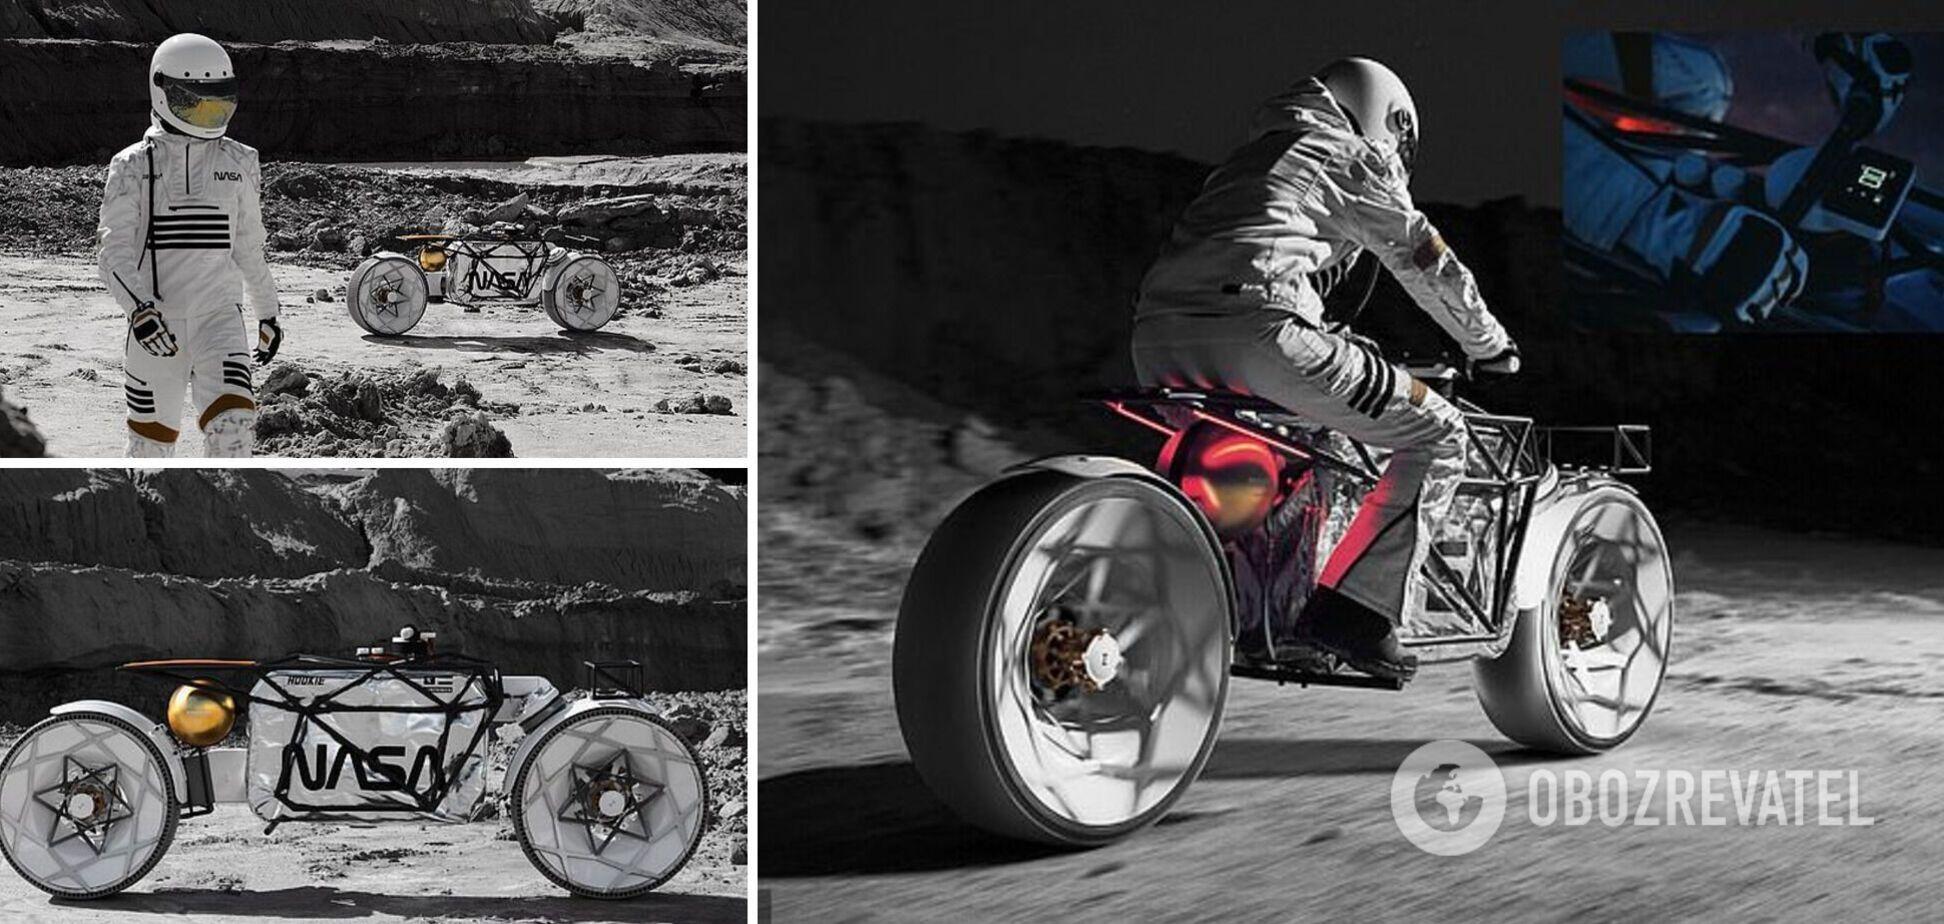 У Німеччині презентували мотоцикл, який може бути використаний для дослідження Місяця. Фото